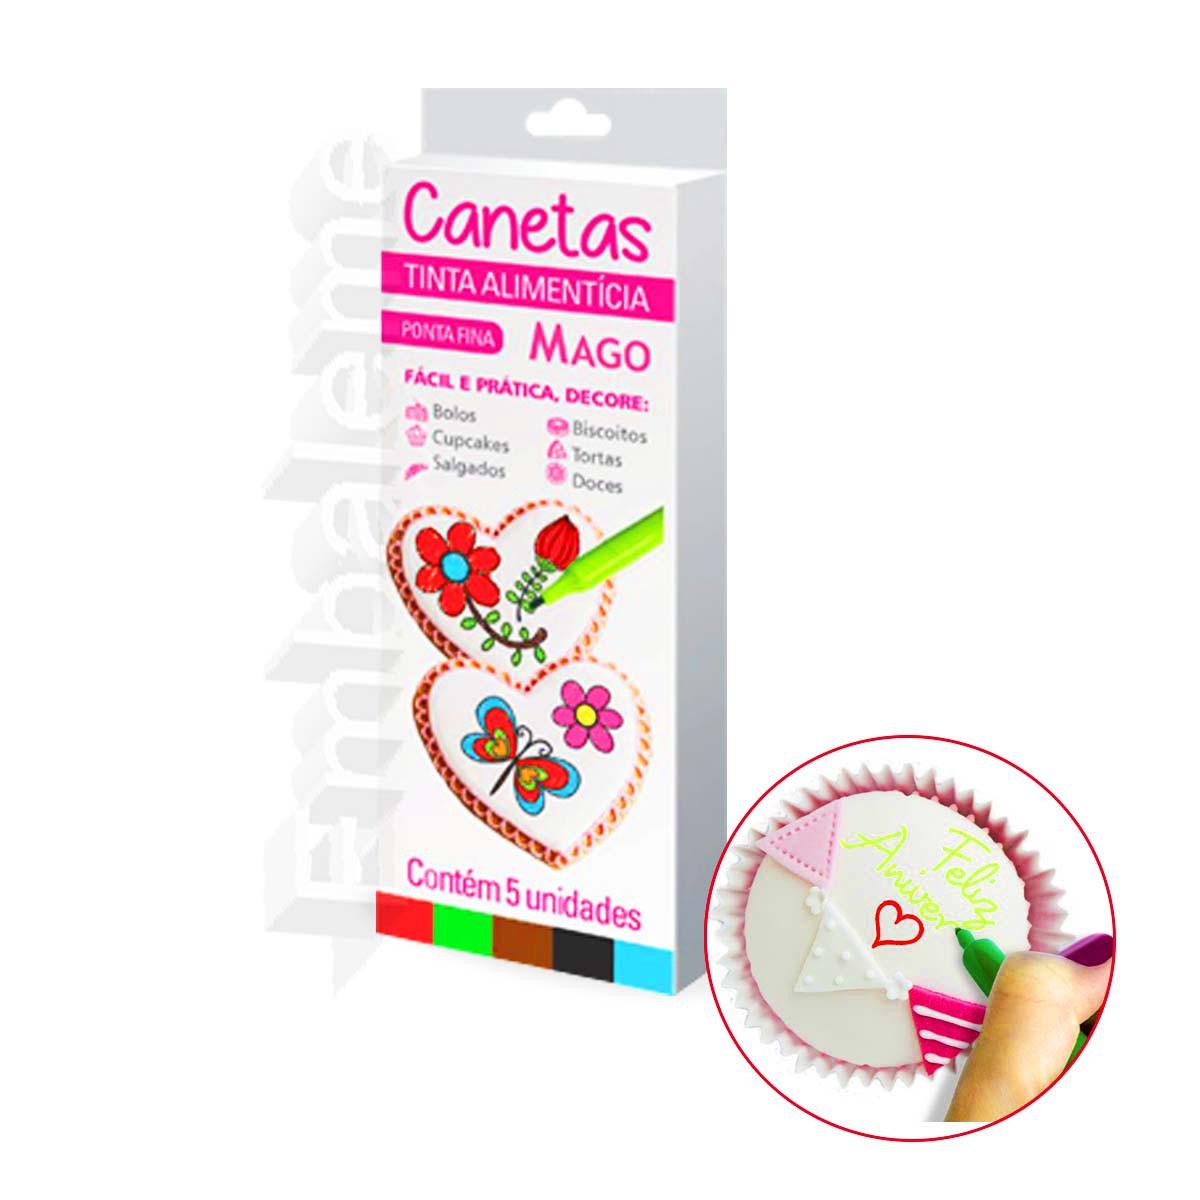 Caneta Tinta Alimentícia Para decorar Bolo com 5 Cores